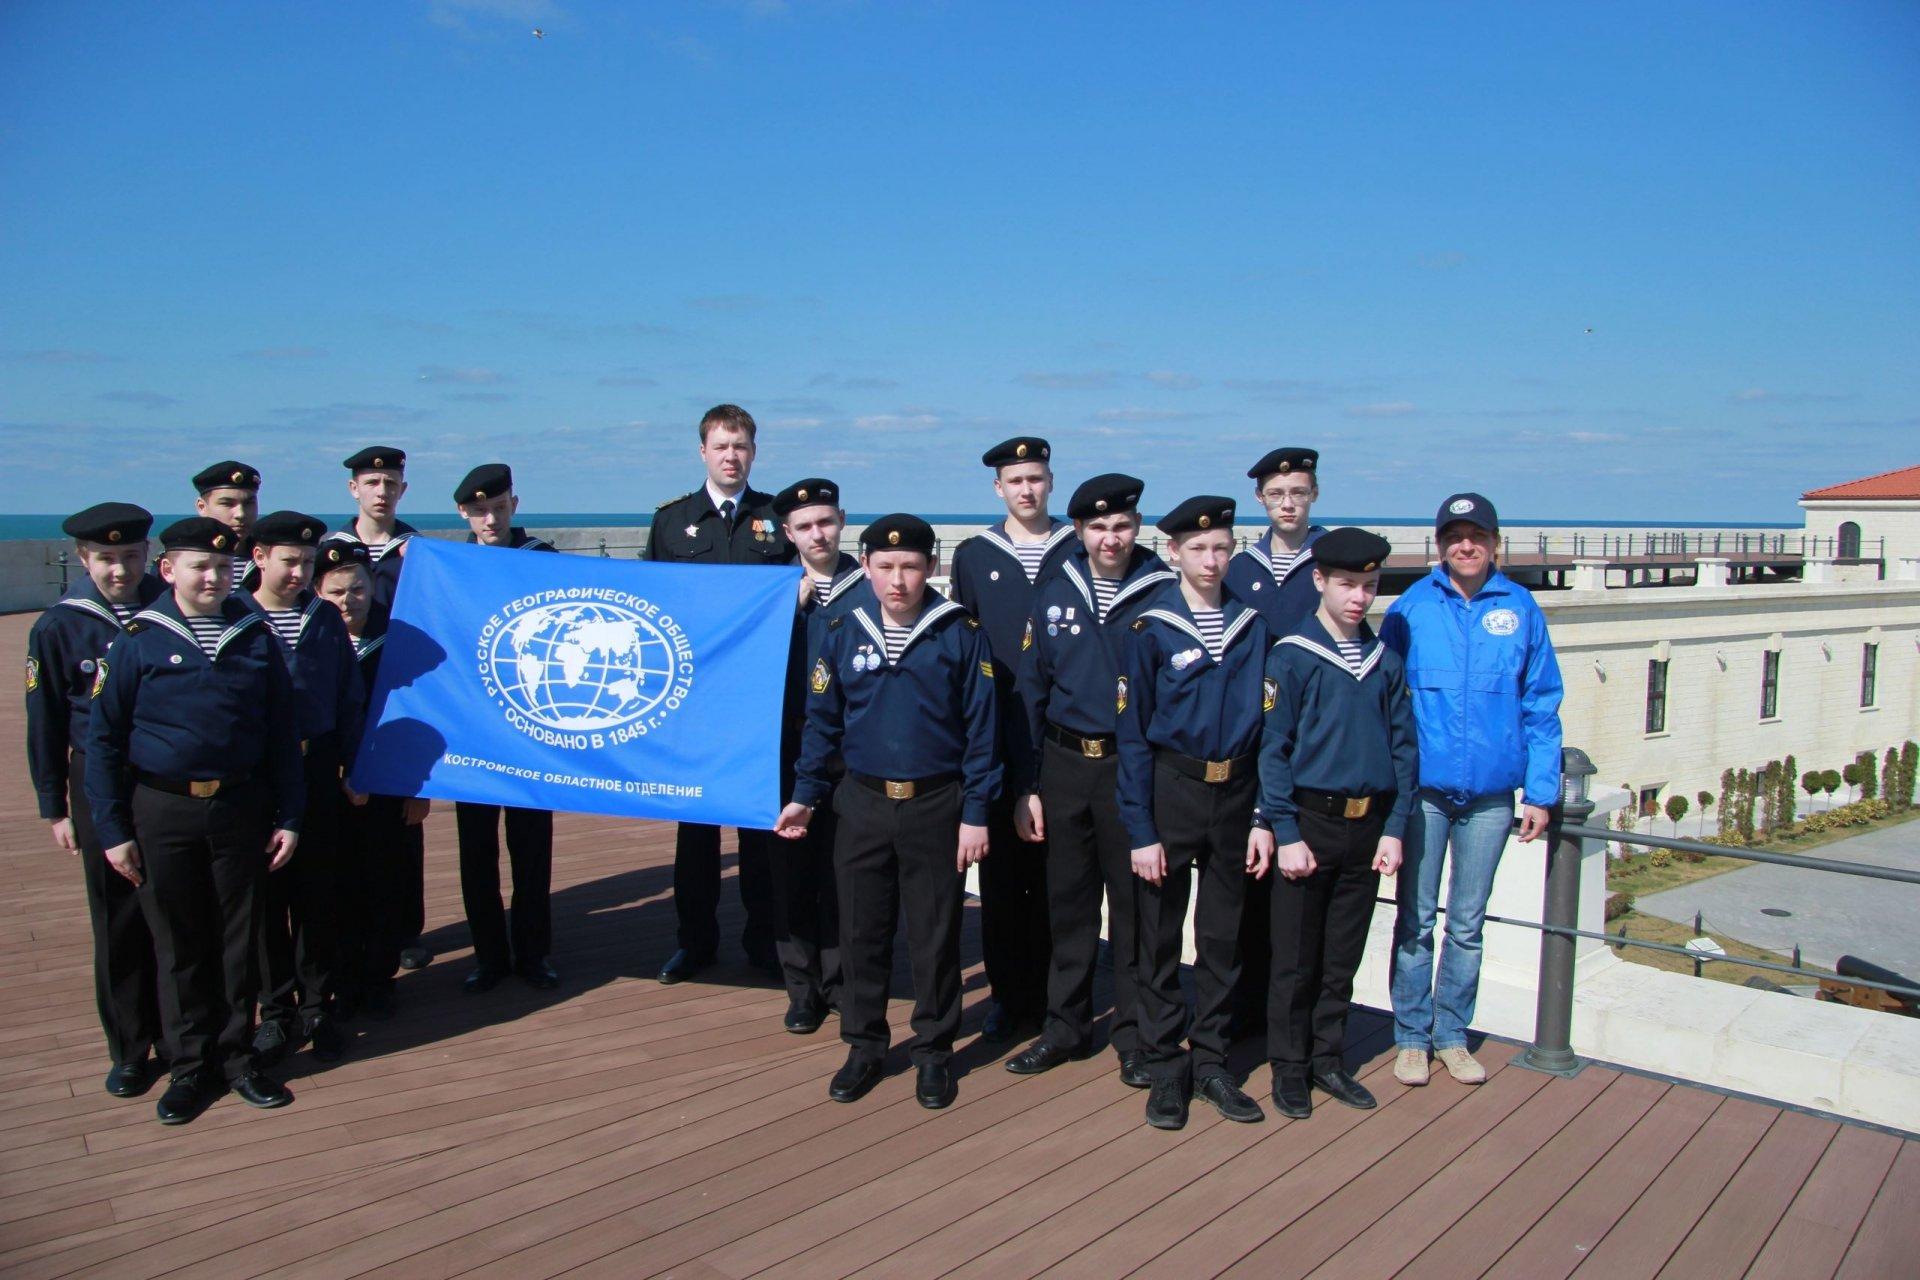 В Детском морском центре Костромы создан молодёжный клуб Русского географического общества.